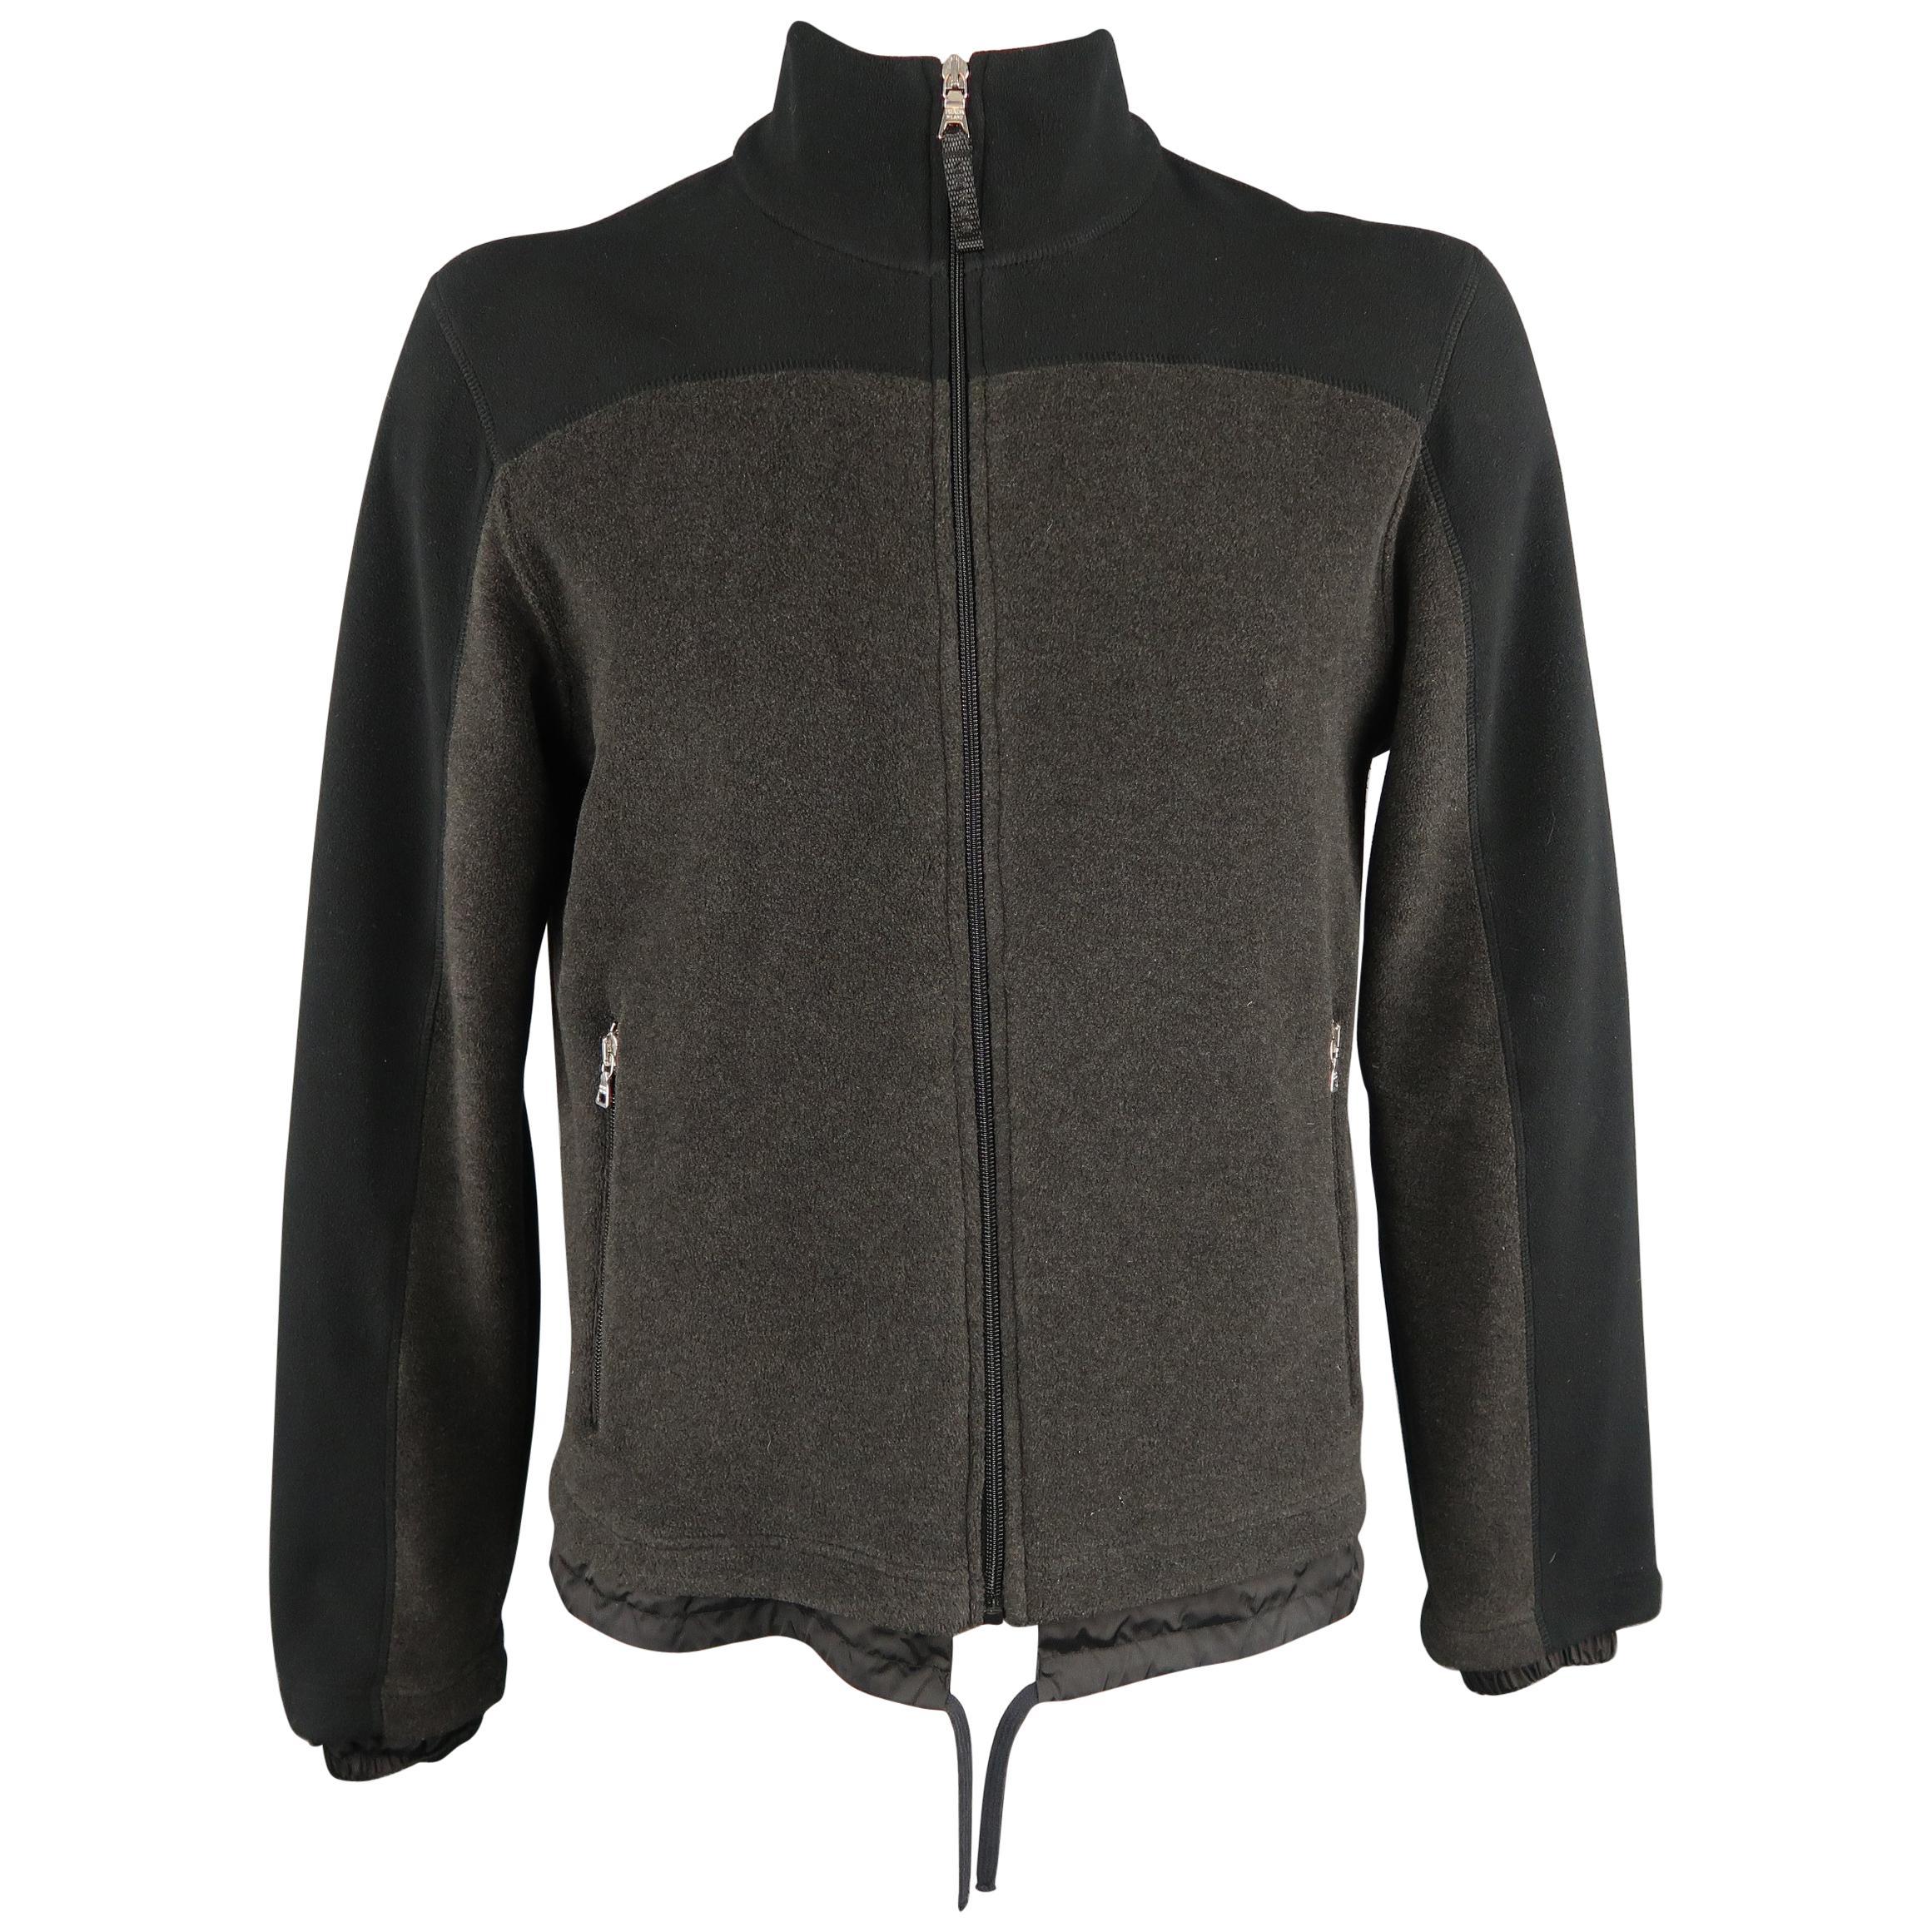 PRADA XL Black & Charcoal Two Toned Fleece Jacket